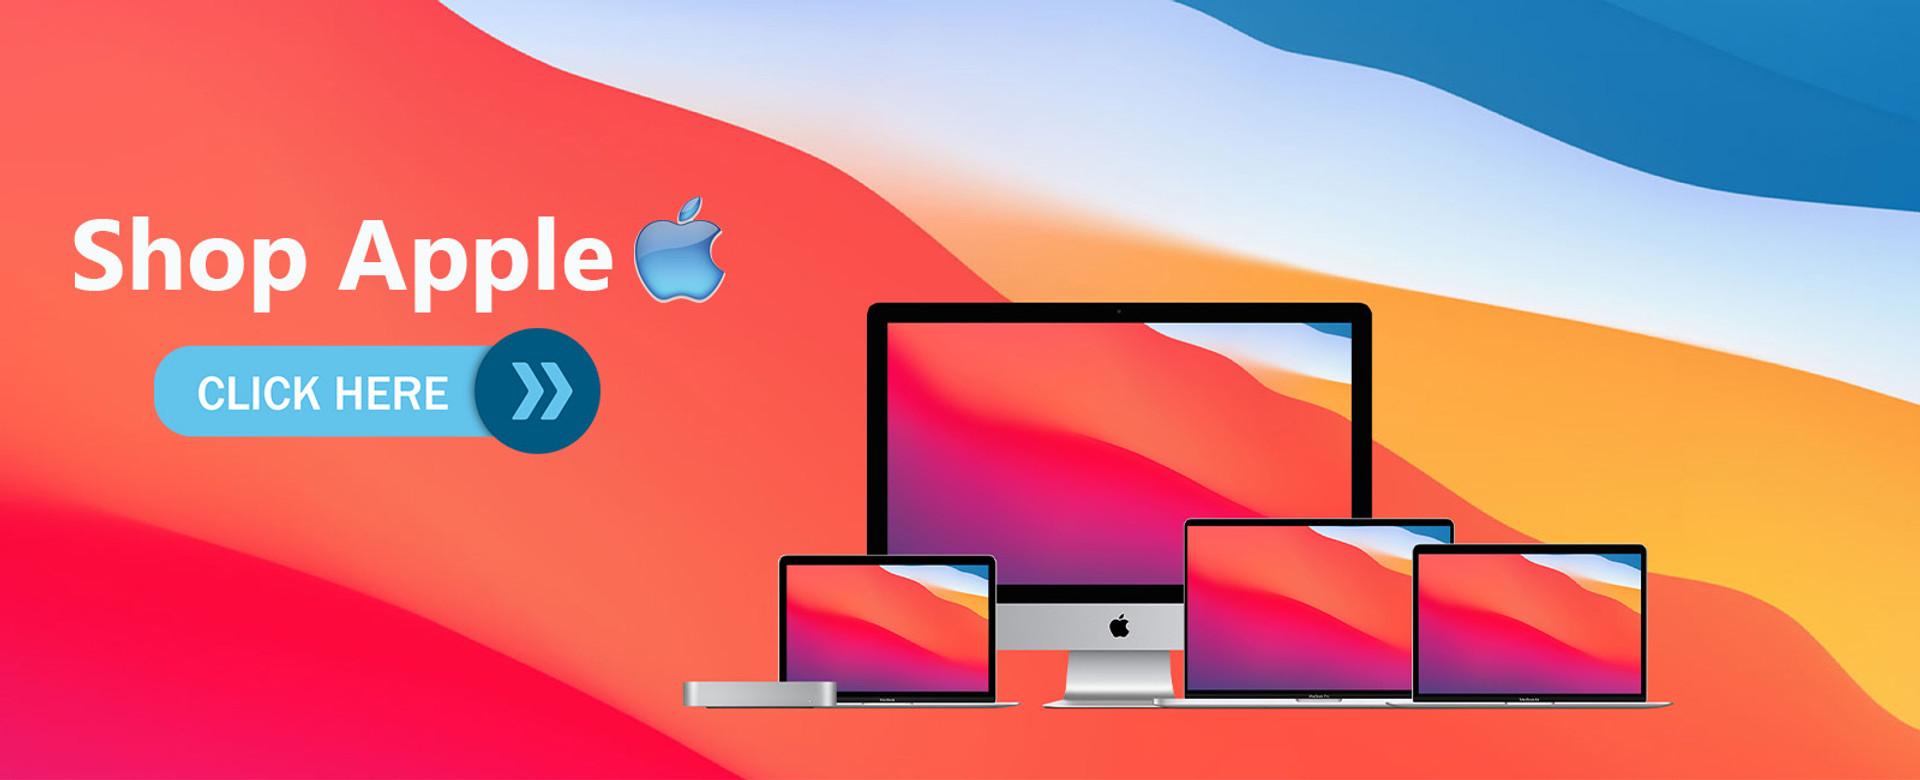 Refurbished Macbooks On Sale!